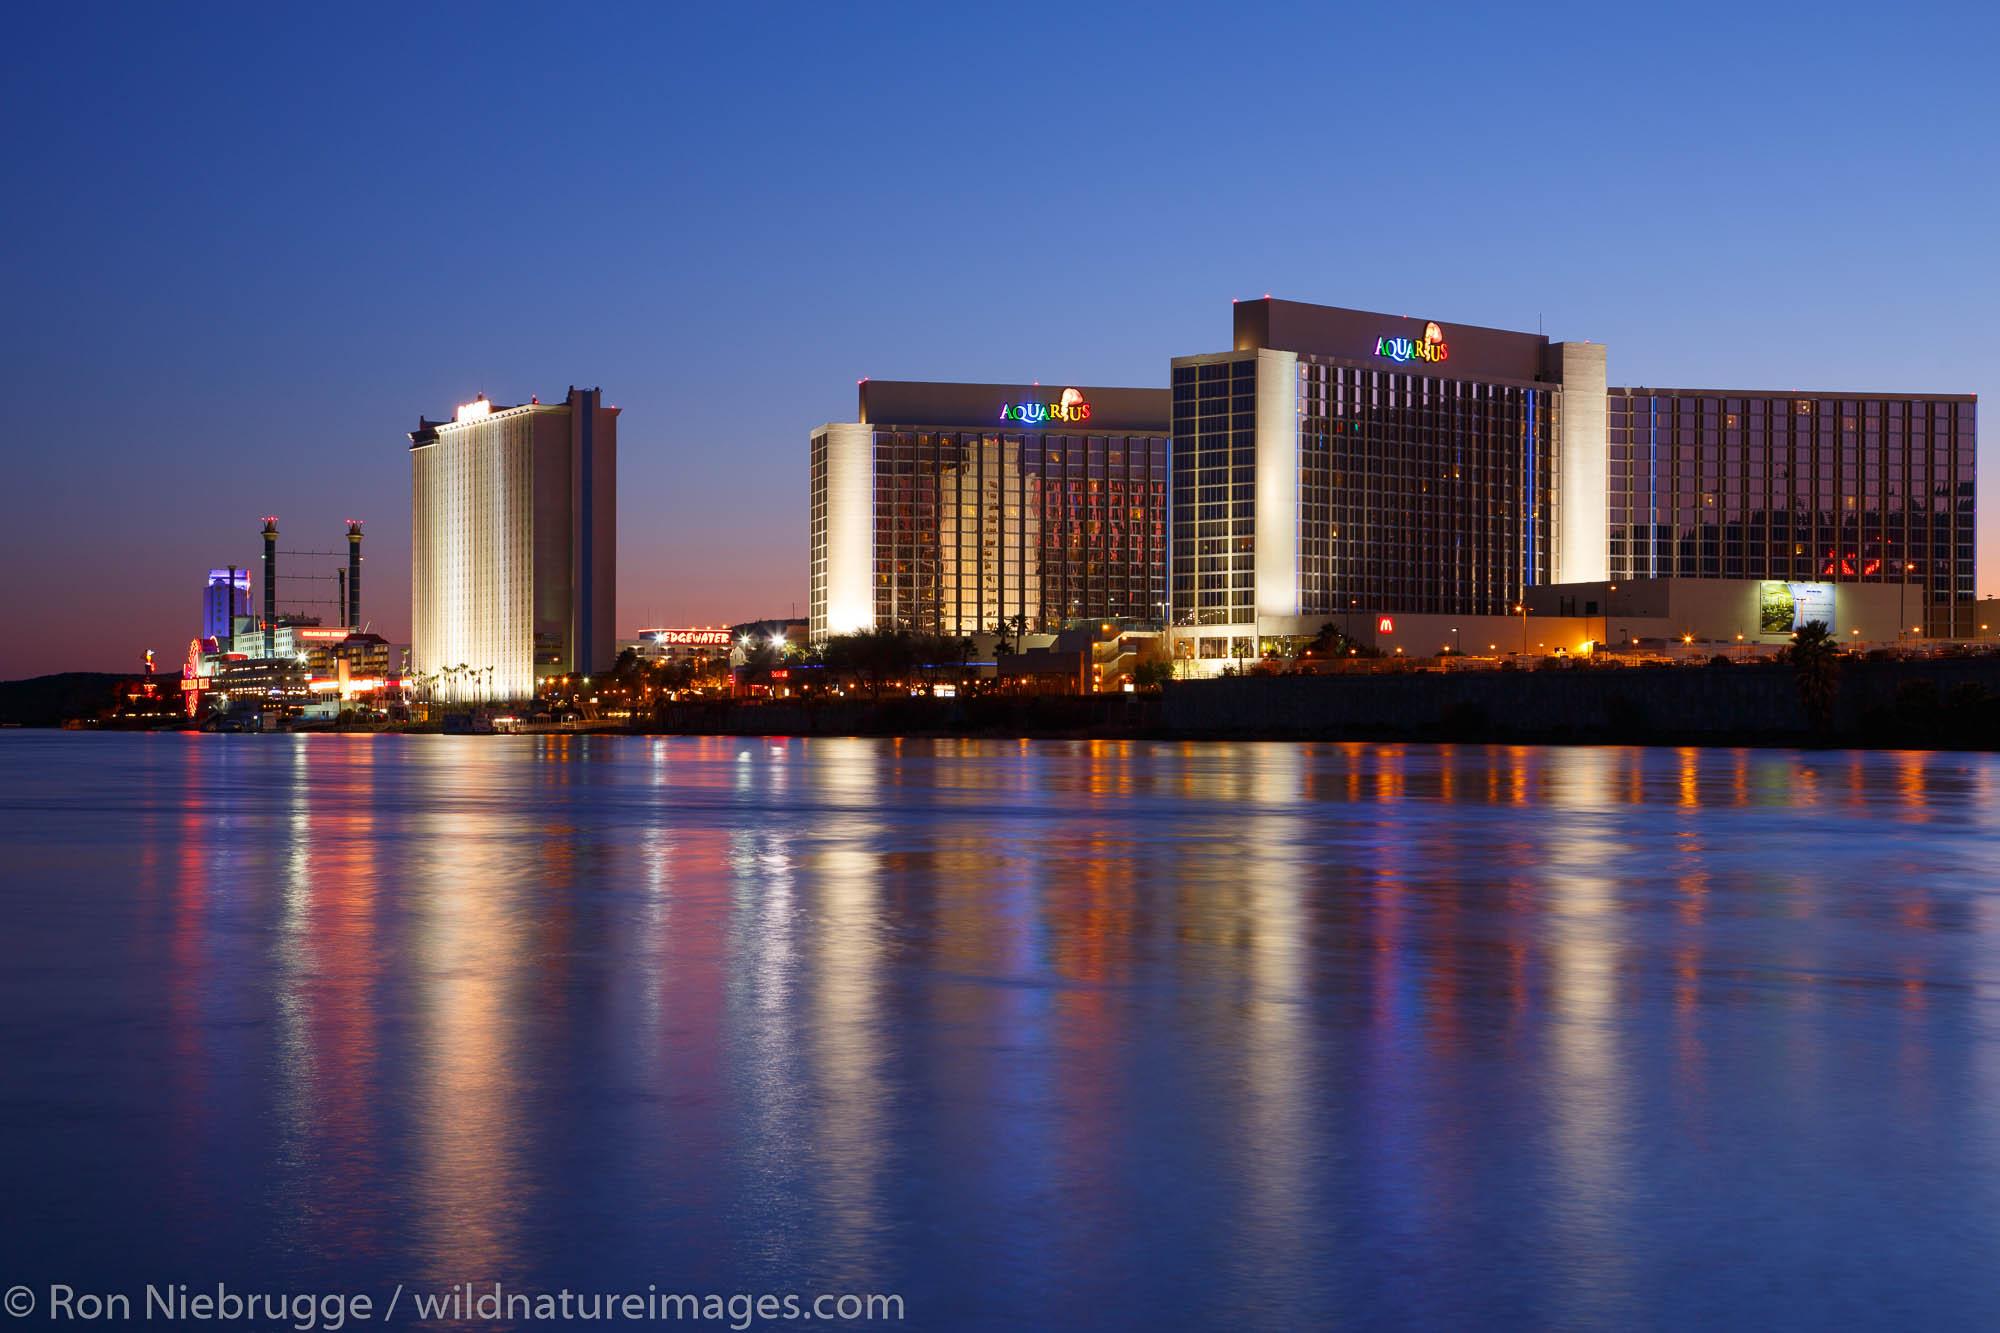 Casinos along the Colorado River, Laughlin, Nevada.